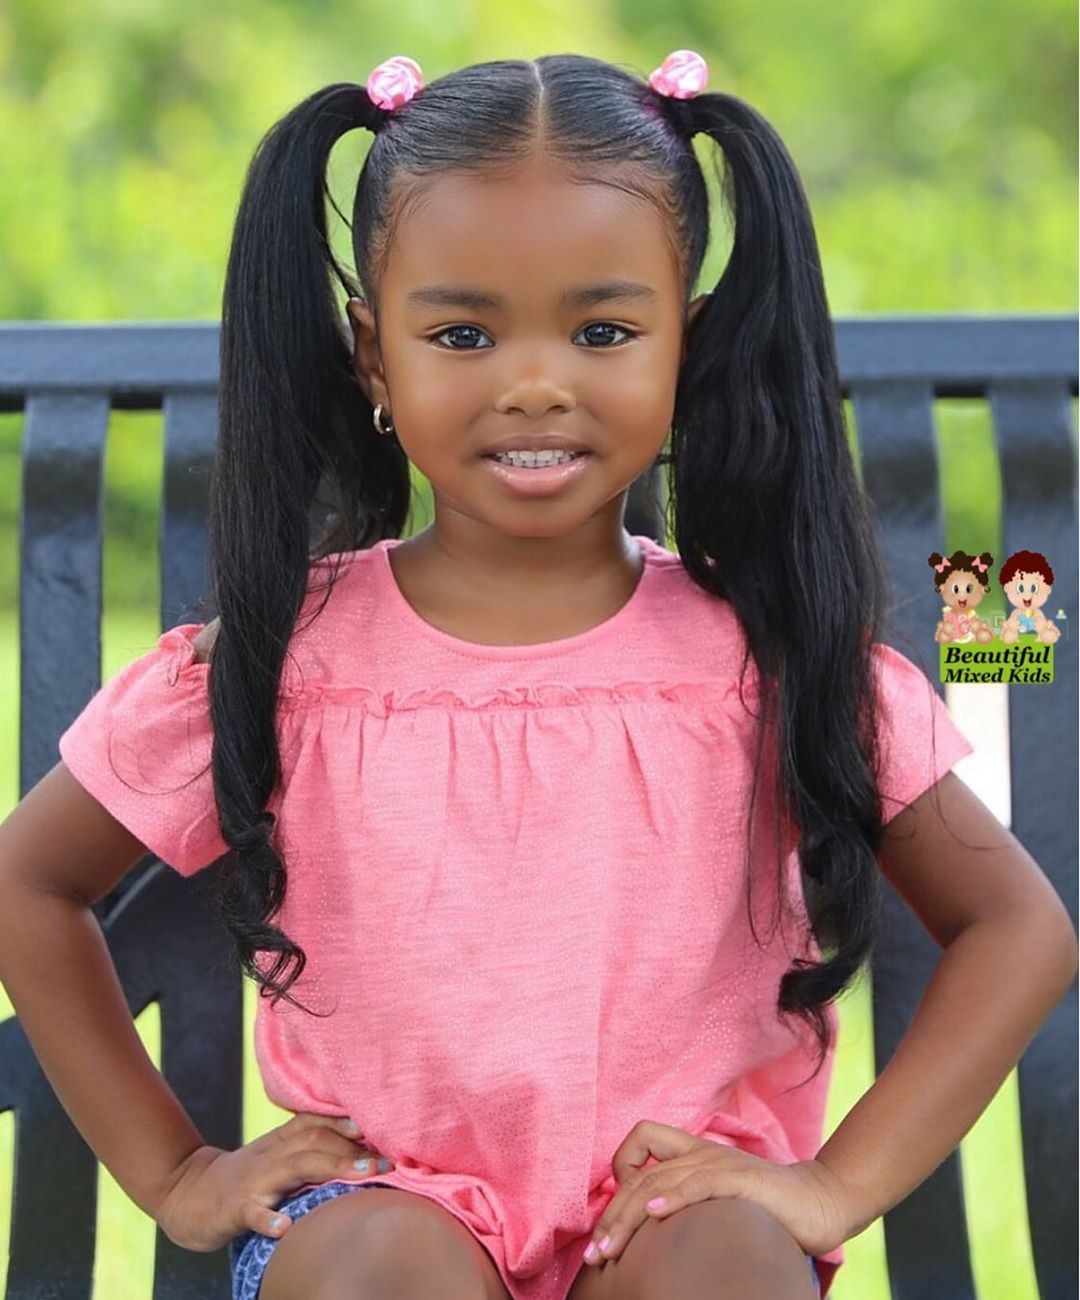 Diese Sechzehn Bildhubschen Kinder Haben Eltern Und Grosseltern Die Aus Teils Sehr Verschiedenen Land In 2020 Black Baby Girls Beautiful Black Babies Cute Black Babies